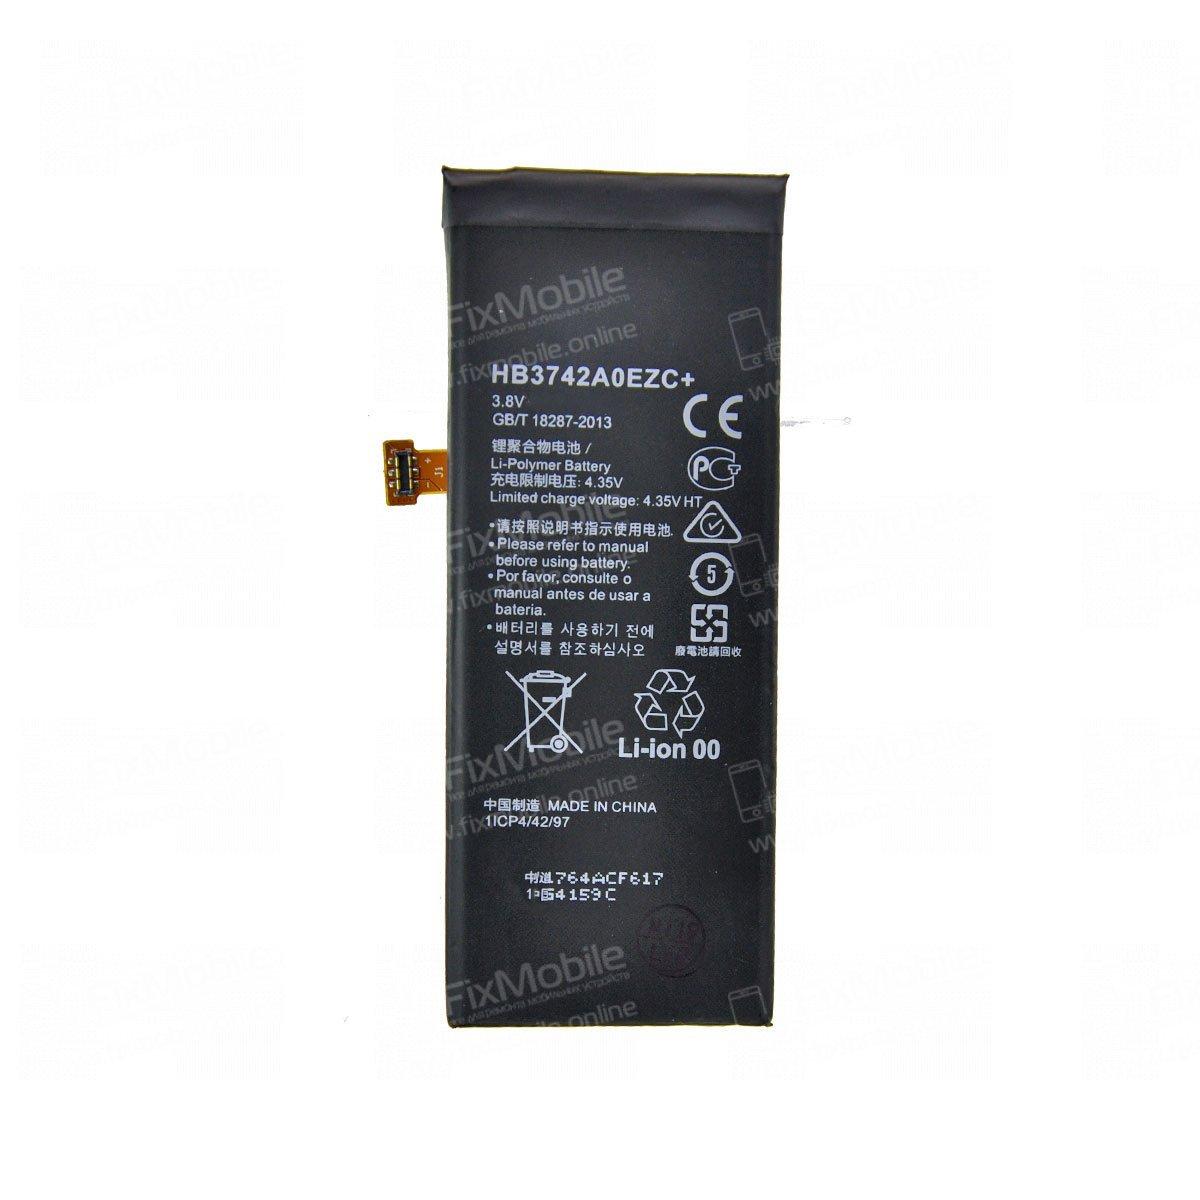 Аккумуляторная батарея для Huawei GR3 HB3742A0EZC+